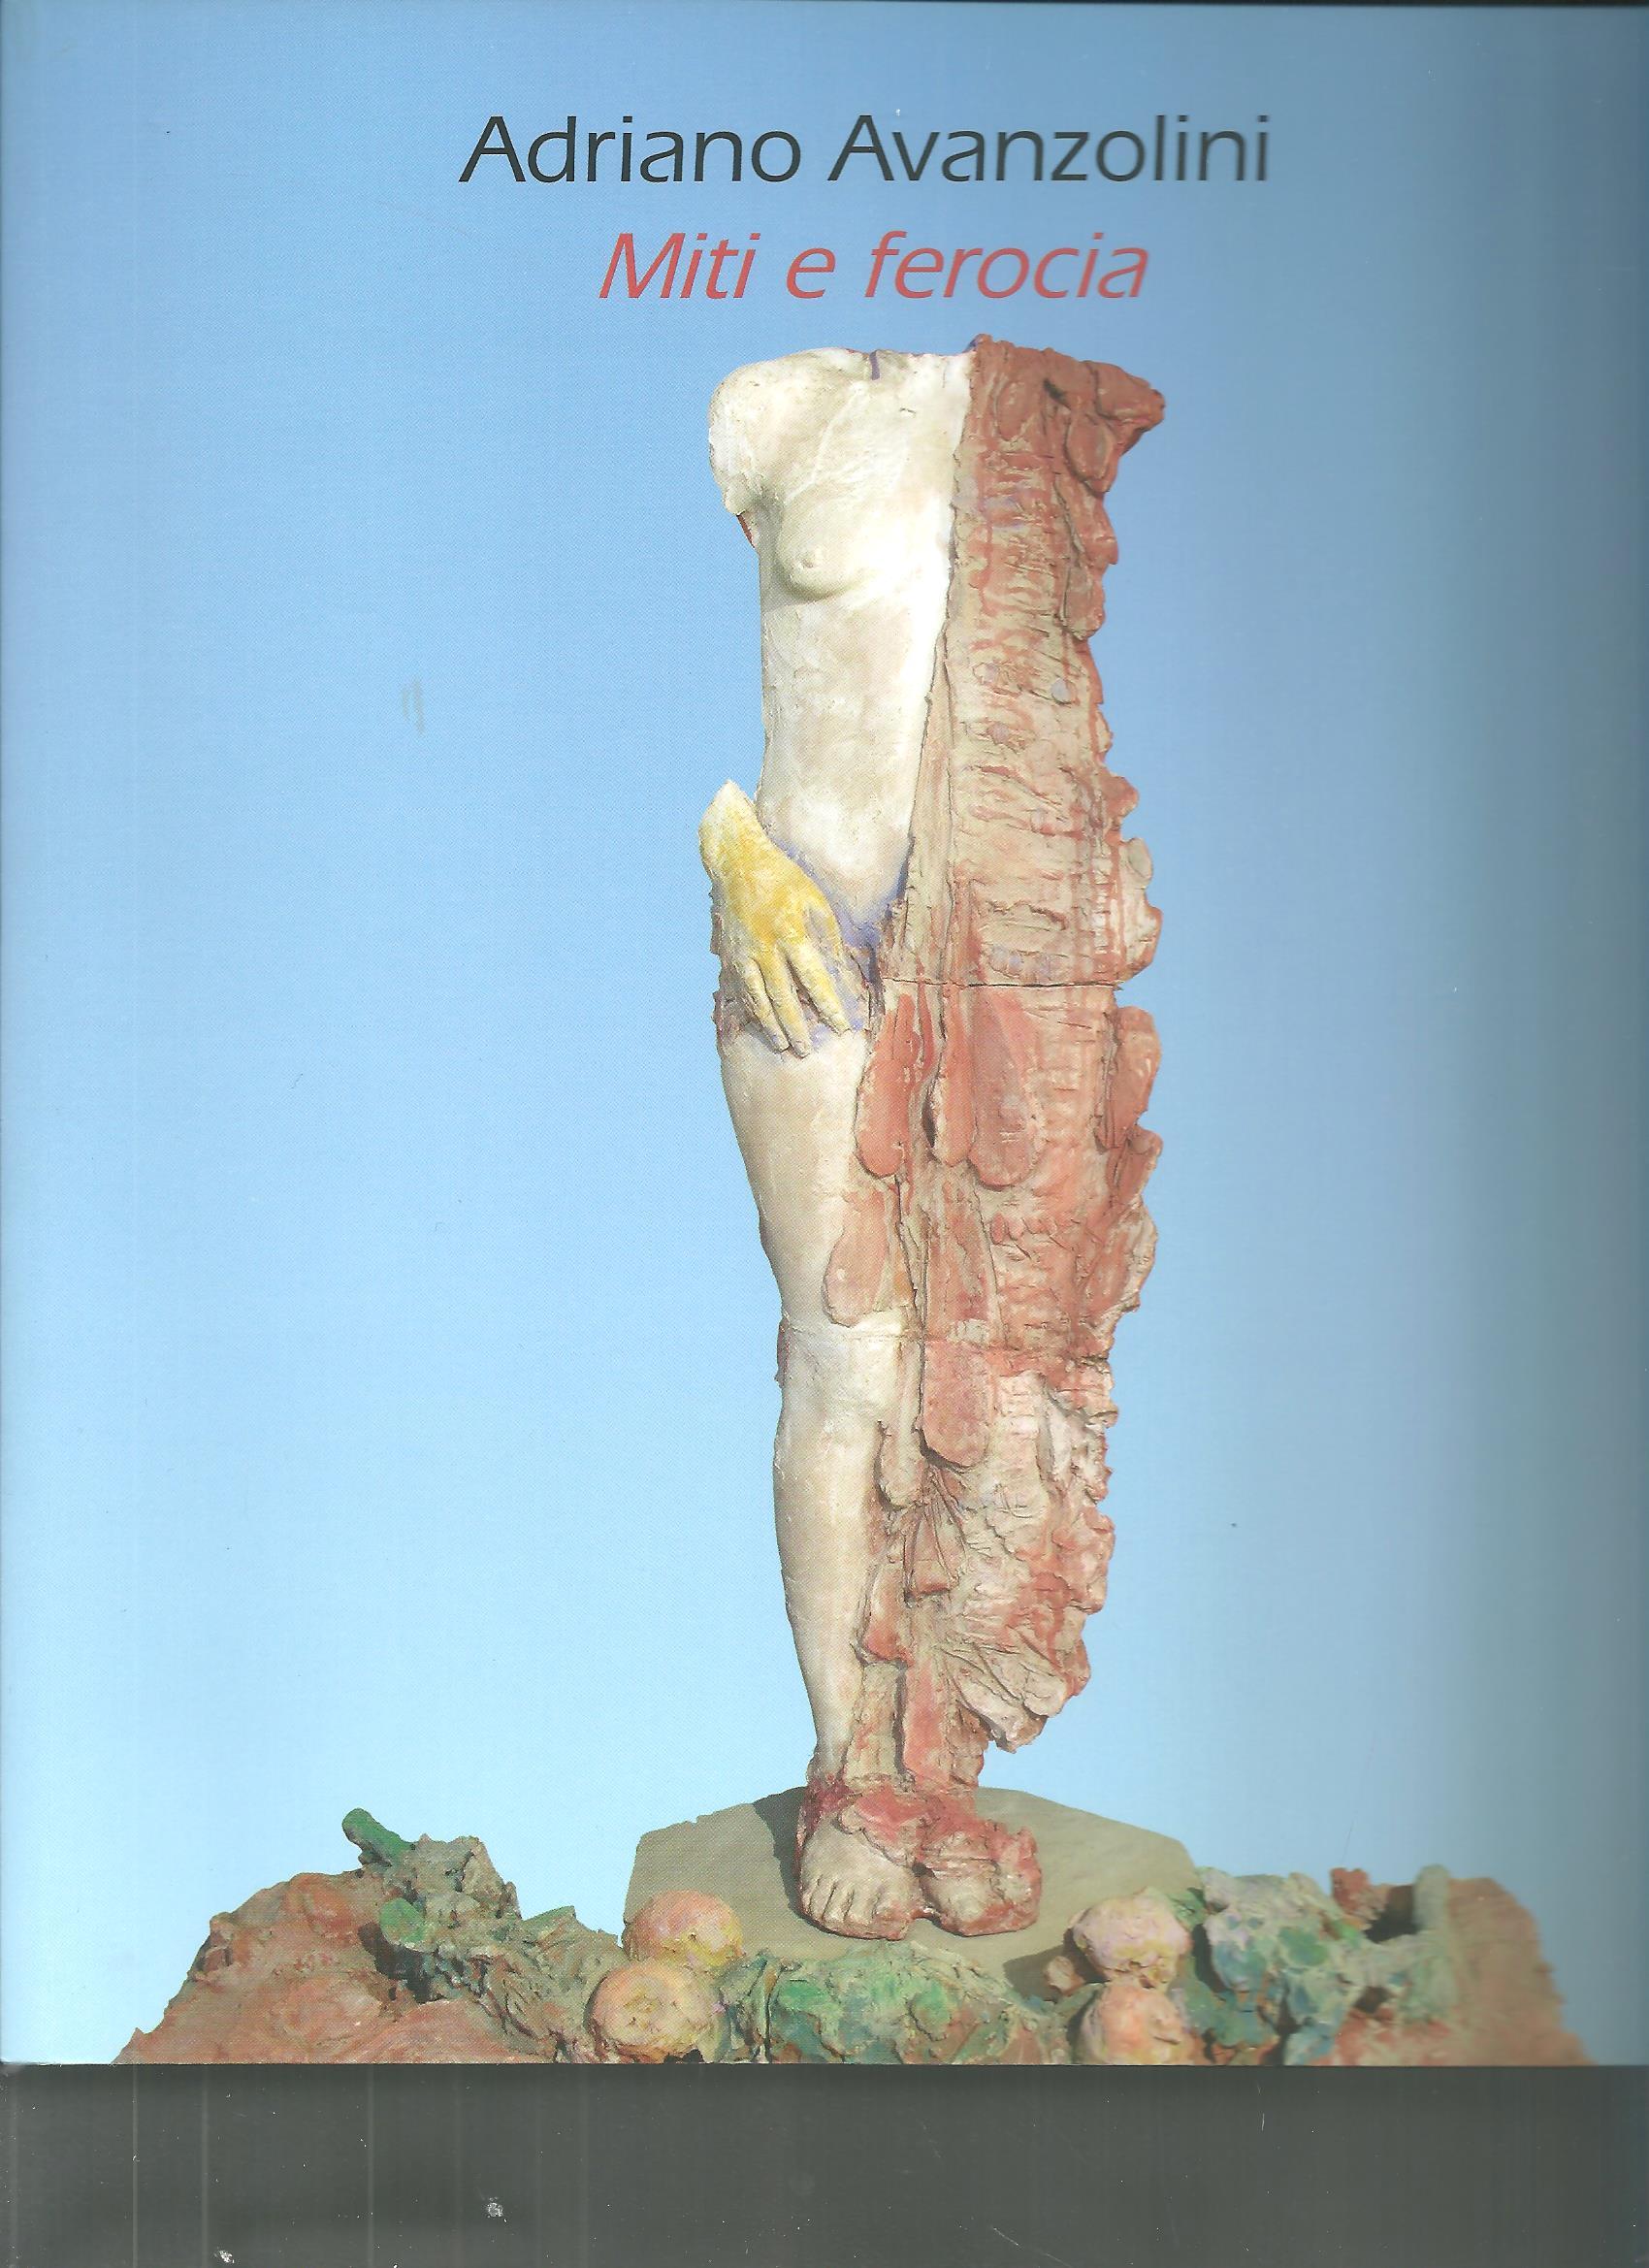 Miti e ferocia, Galleria Il Caminetto, Bologna, Galleria Artifigurative Crespellano (2014)